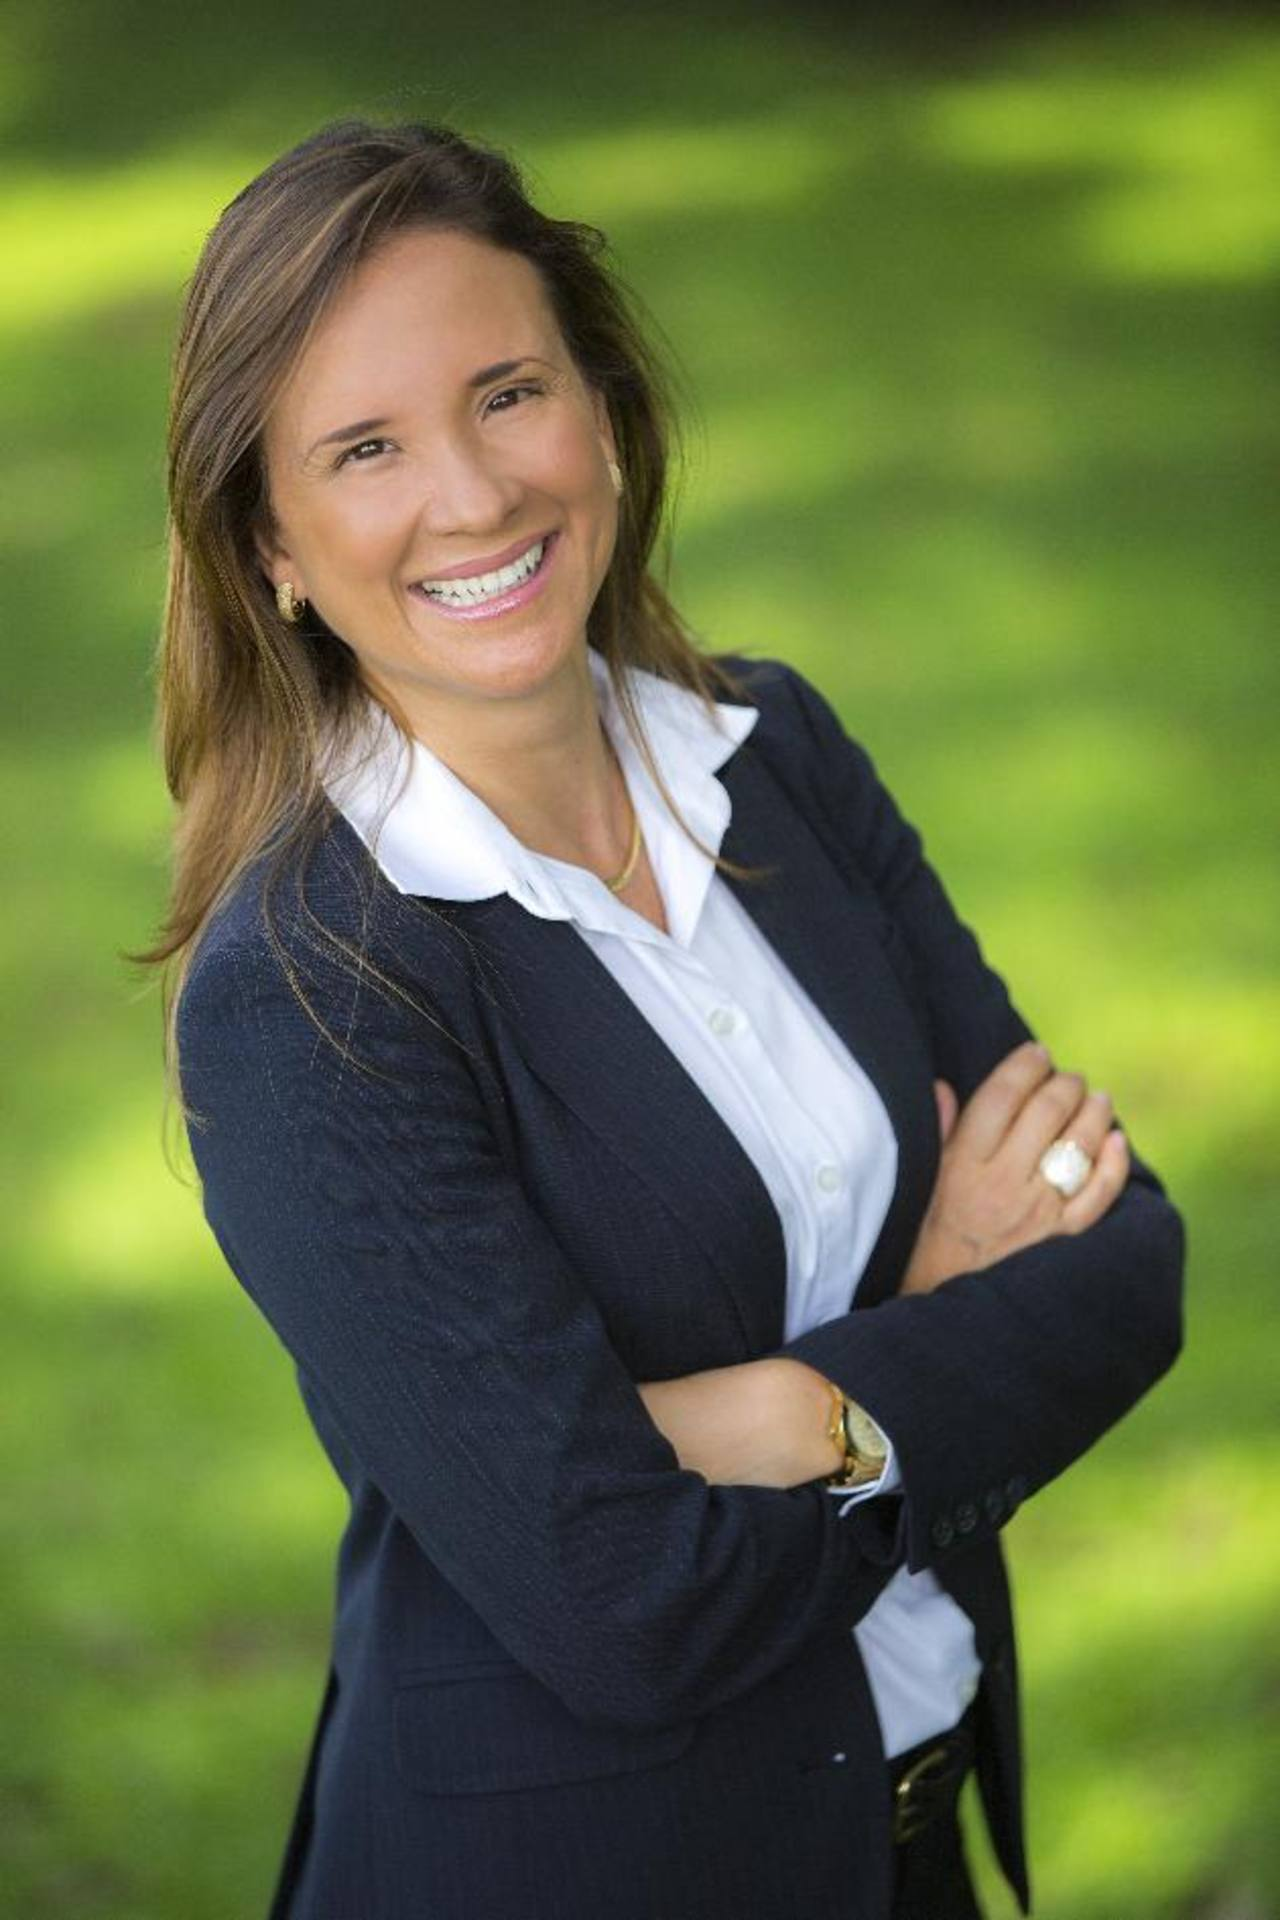 Gisella Sánchez, directora de relaciones corporativas de Florida Bebidas, primera empresa social de Costa Rica Nutrivida, participará en la segunda Semana de la RSE. Foto EDH / Cortesía